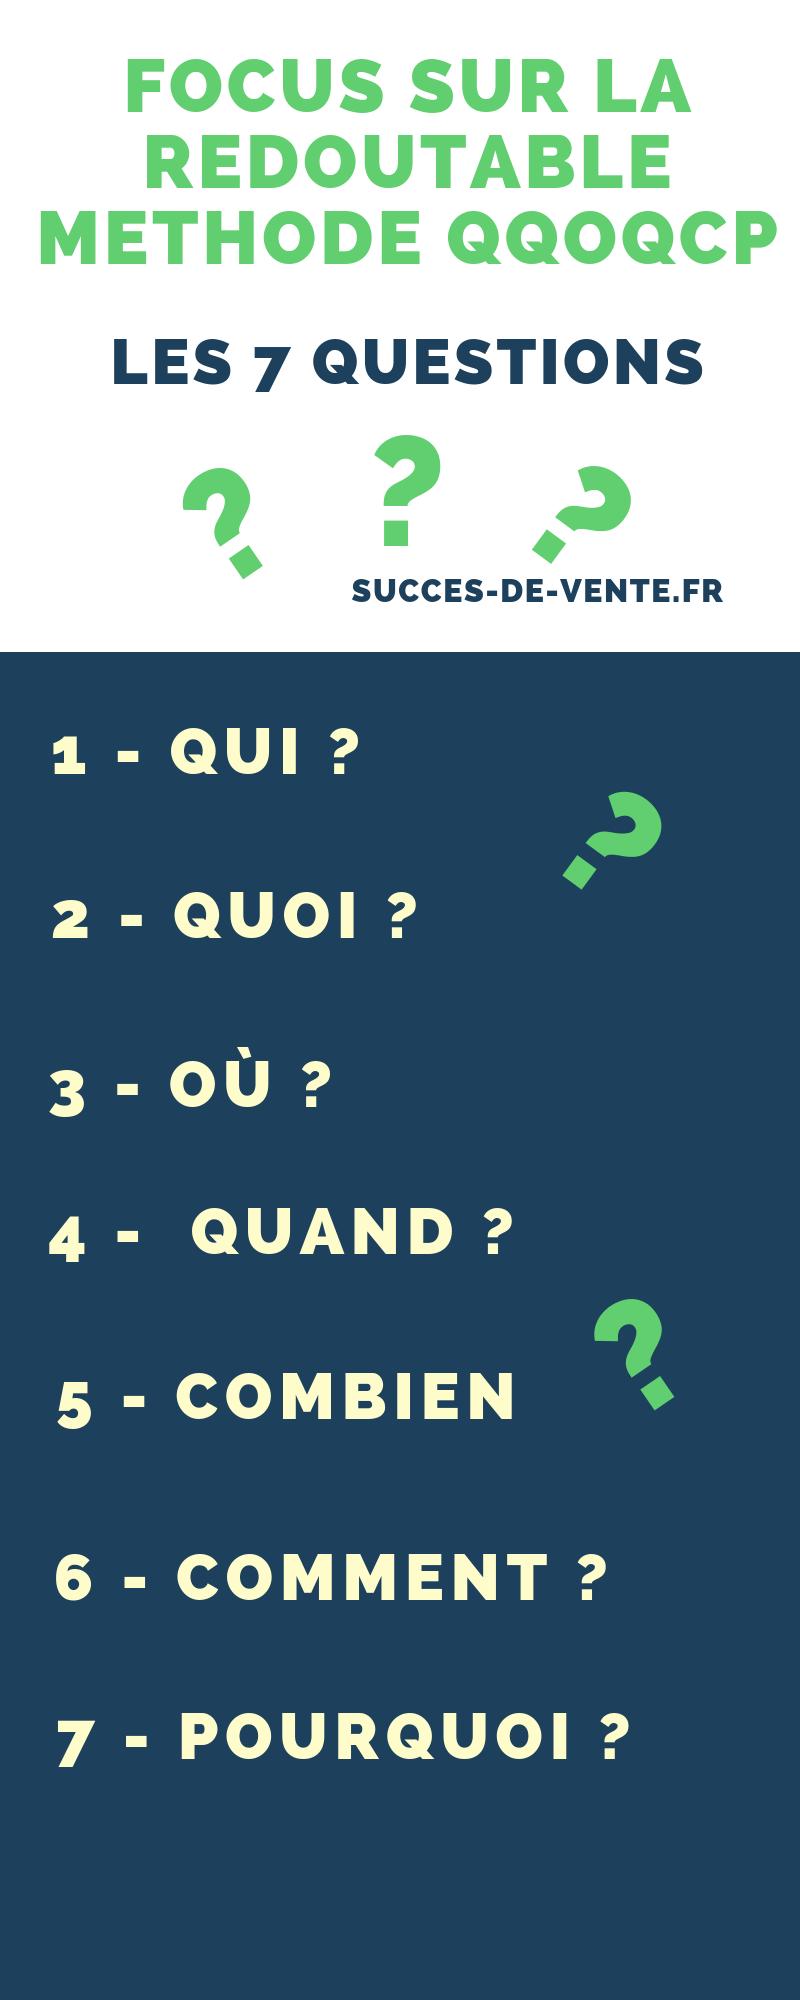 définition qqoqcp